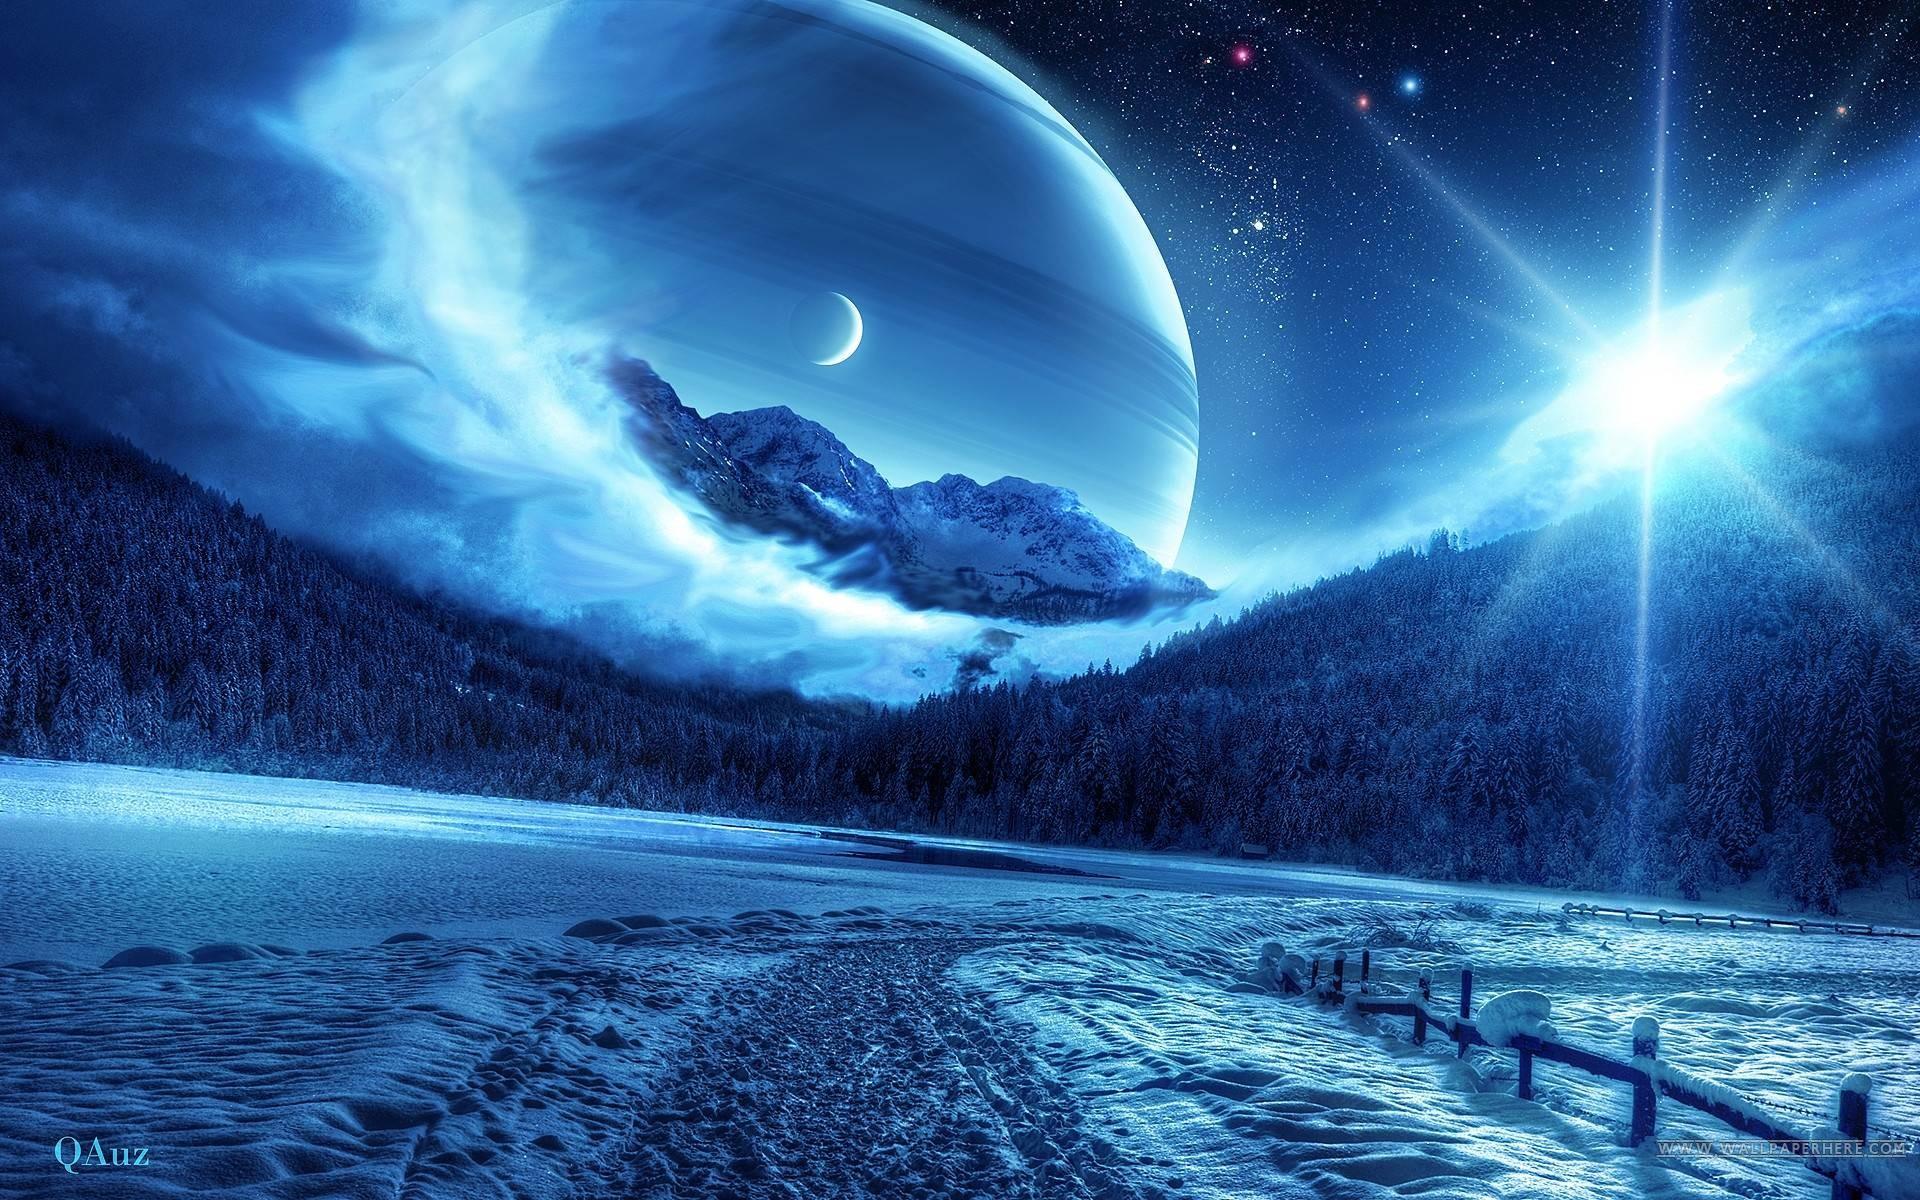 Winter Forest & Blue Space Desktop Wallpaper : Desktop and mobile .